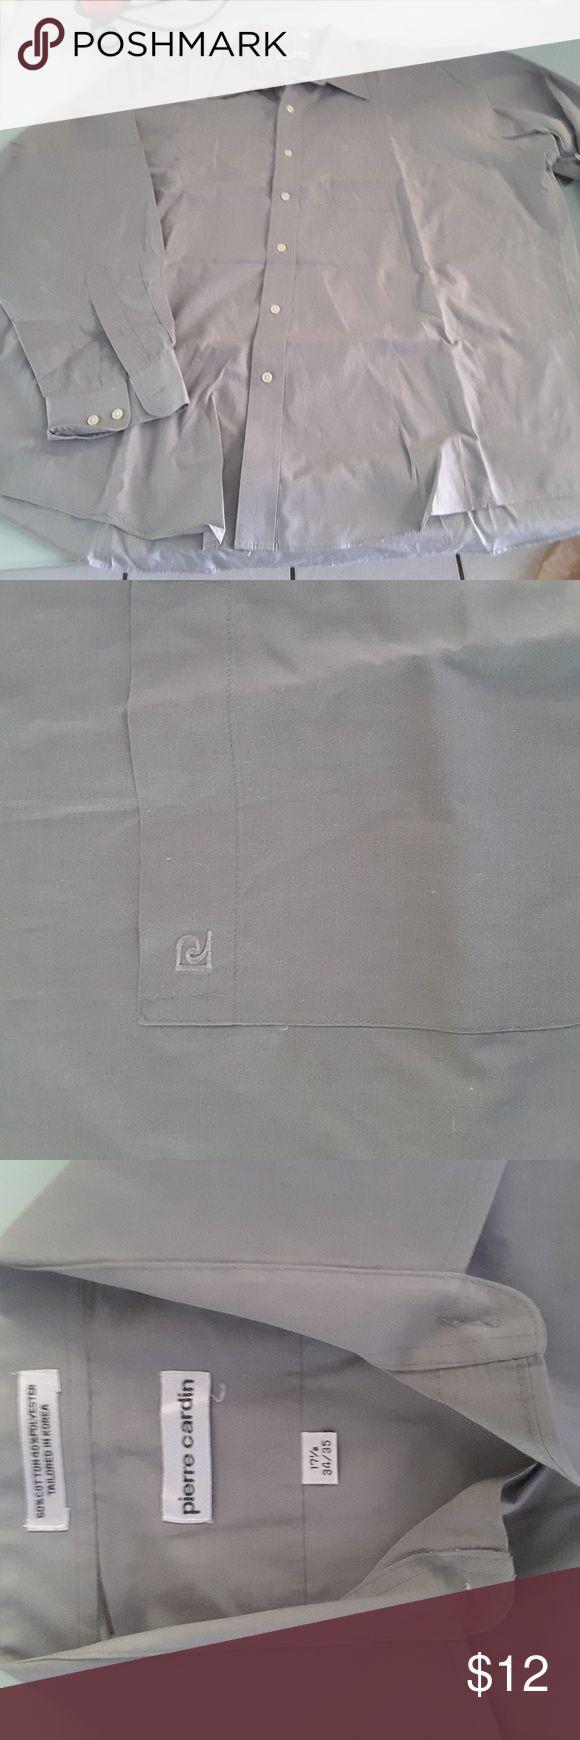 man shirt Pierre cardin New ,man shirt Pierre cardin Pierre Cardin Shirts Casual Button Down Shirts